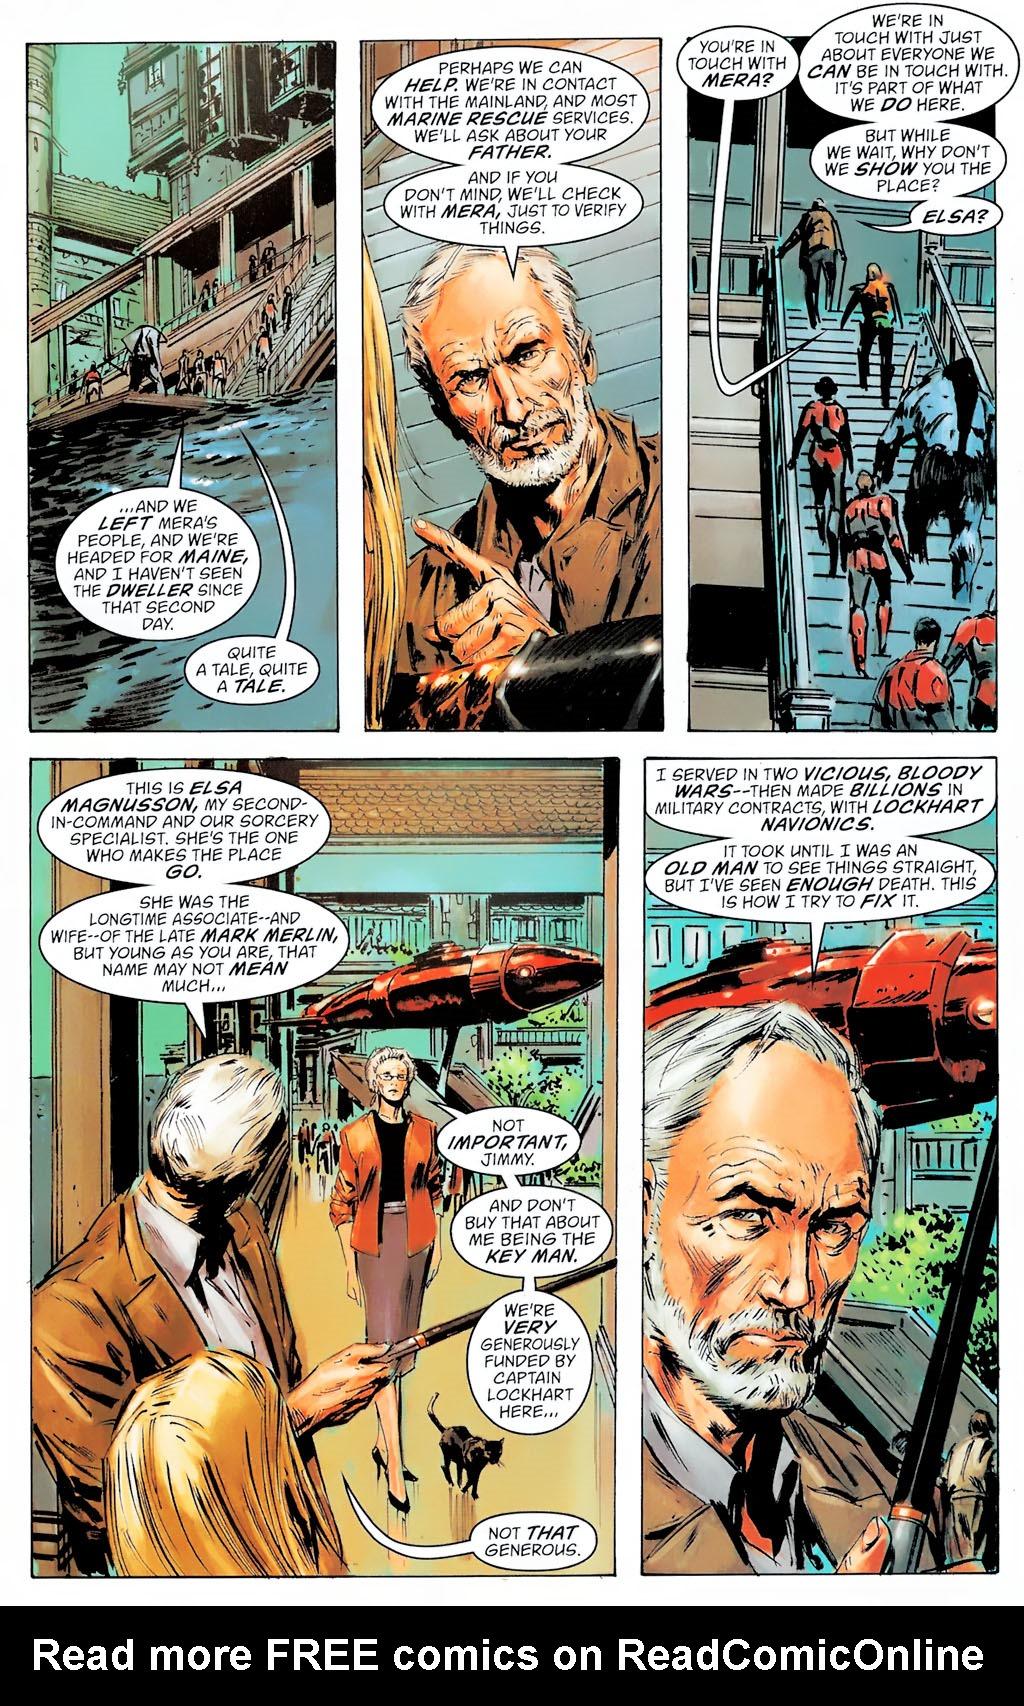 Read online Aquaman: Sword of Atlantis comic -  Issue #42 - 20